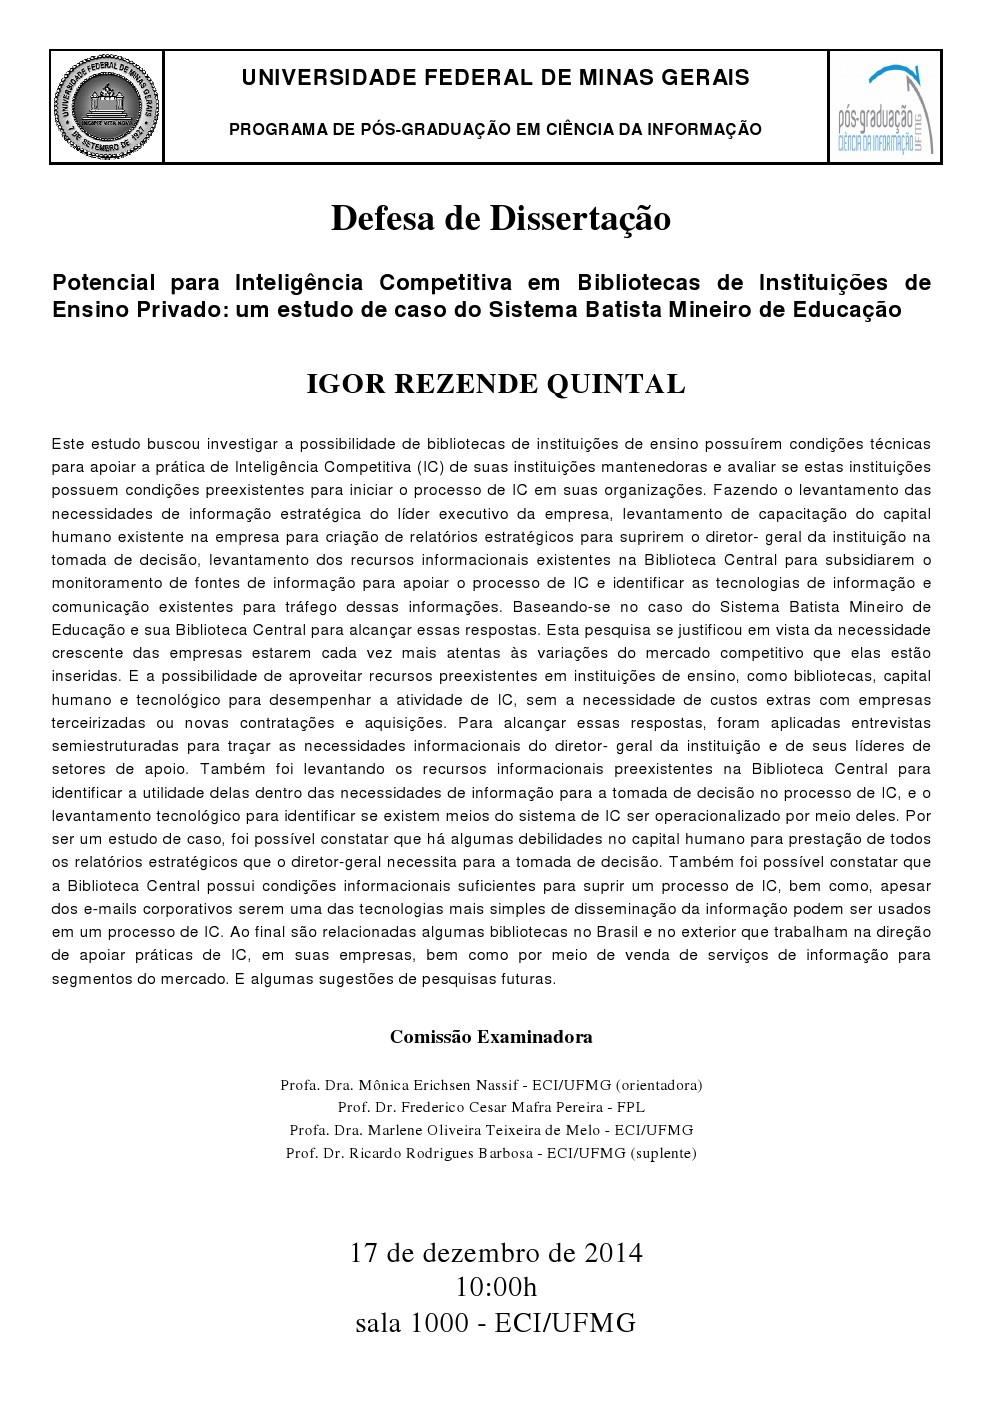 Defesa de Dissertação Igor Rezende Quintal